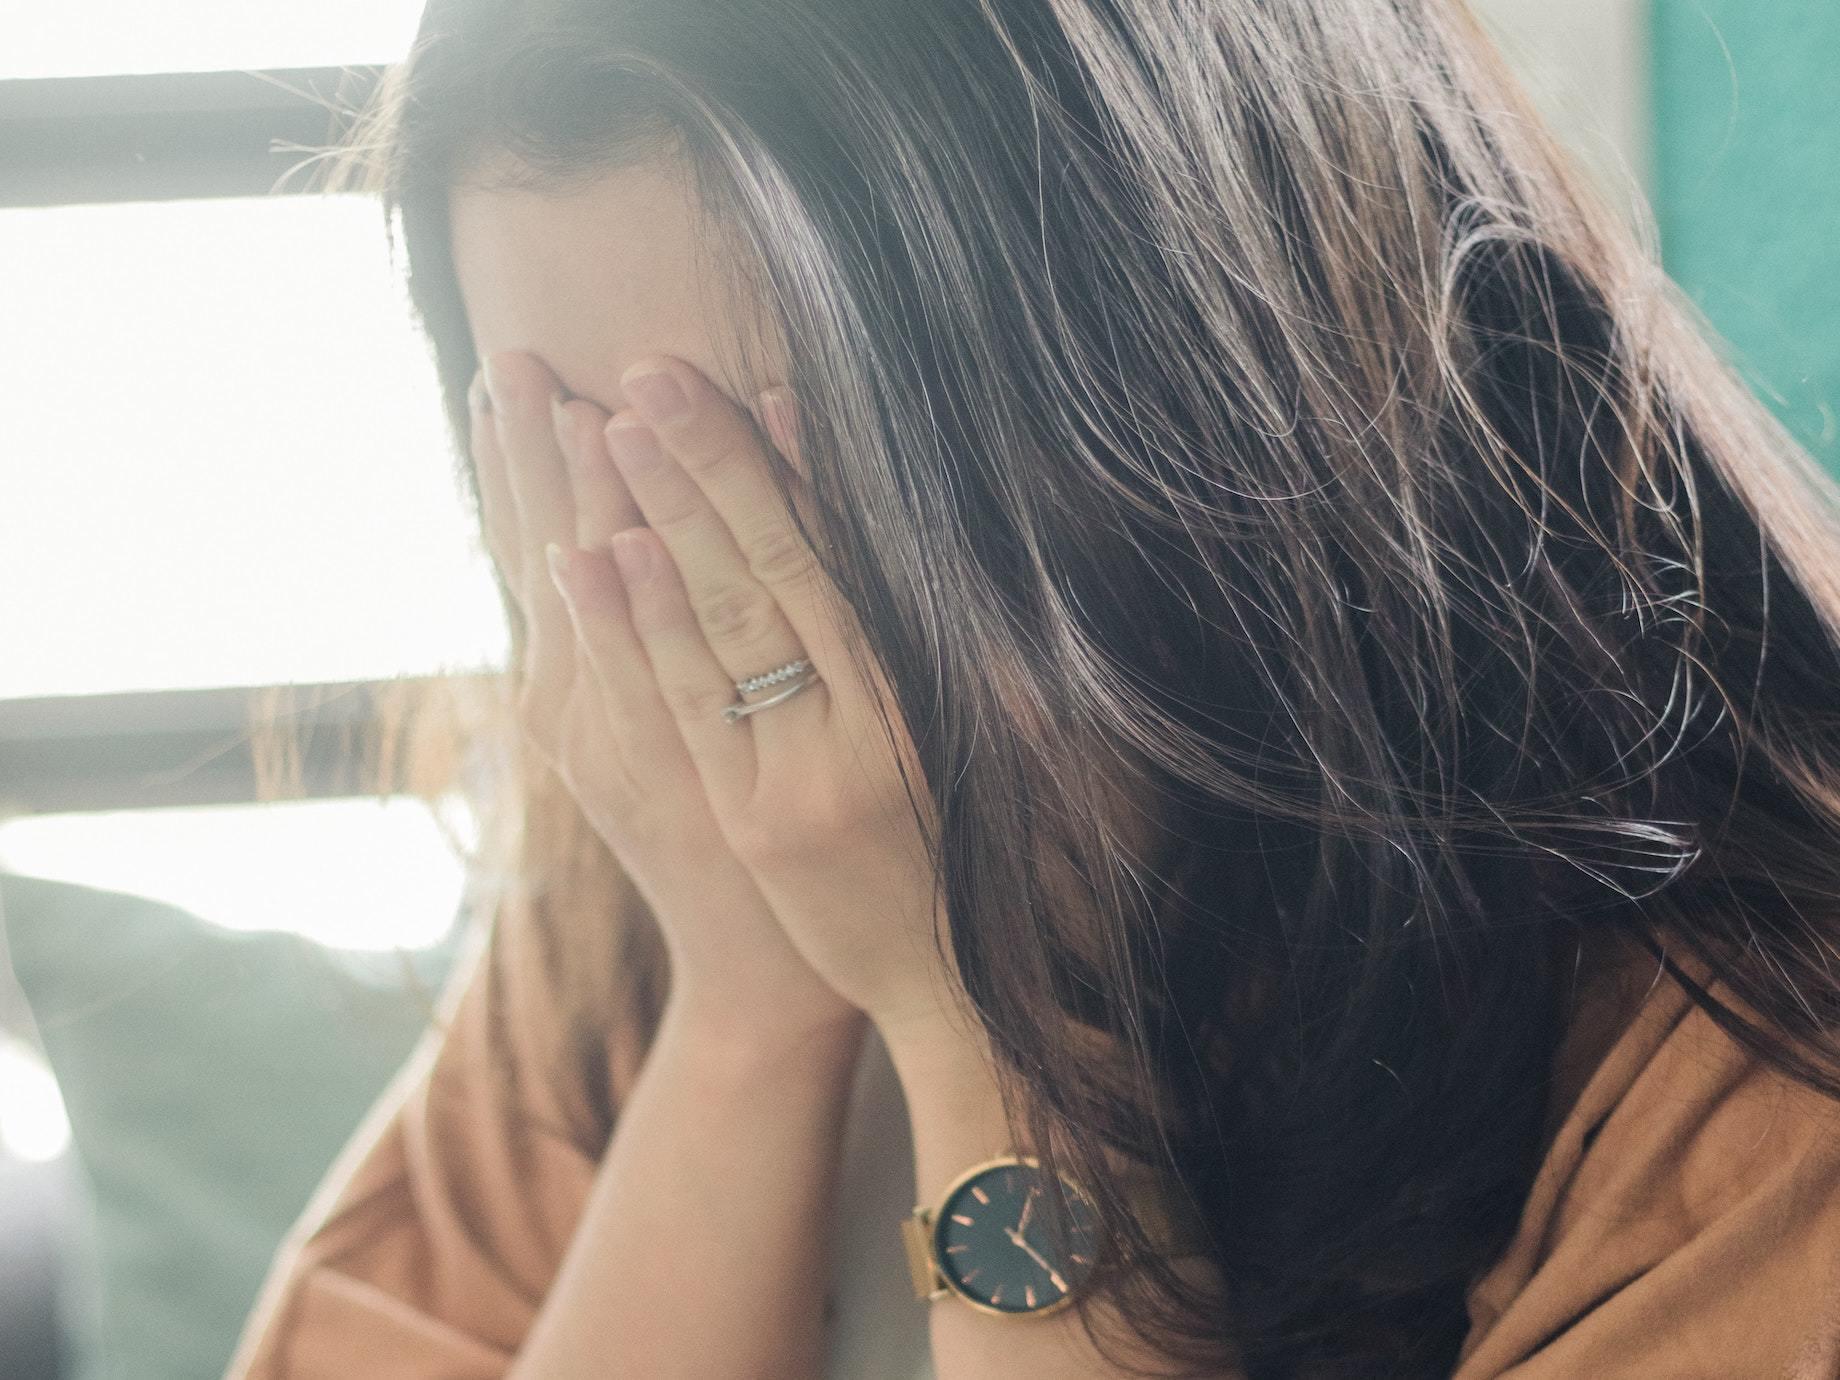 【療心室】該怎麼做才能走出過往傷痛?每天15分鐘,透過「情緒日記」,你也能當自己的心理諮商師